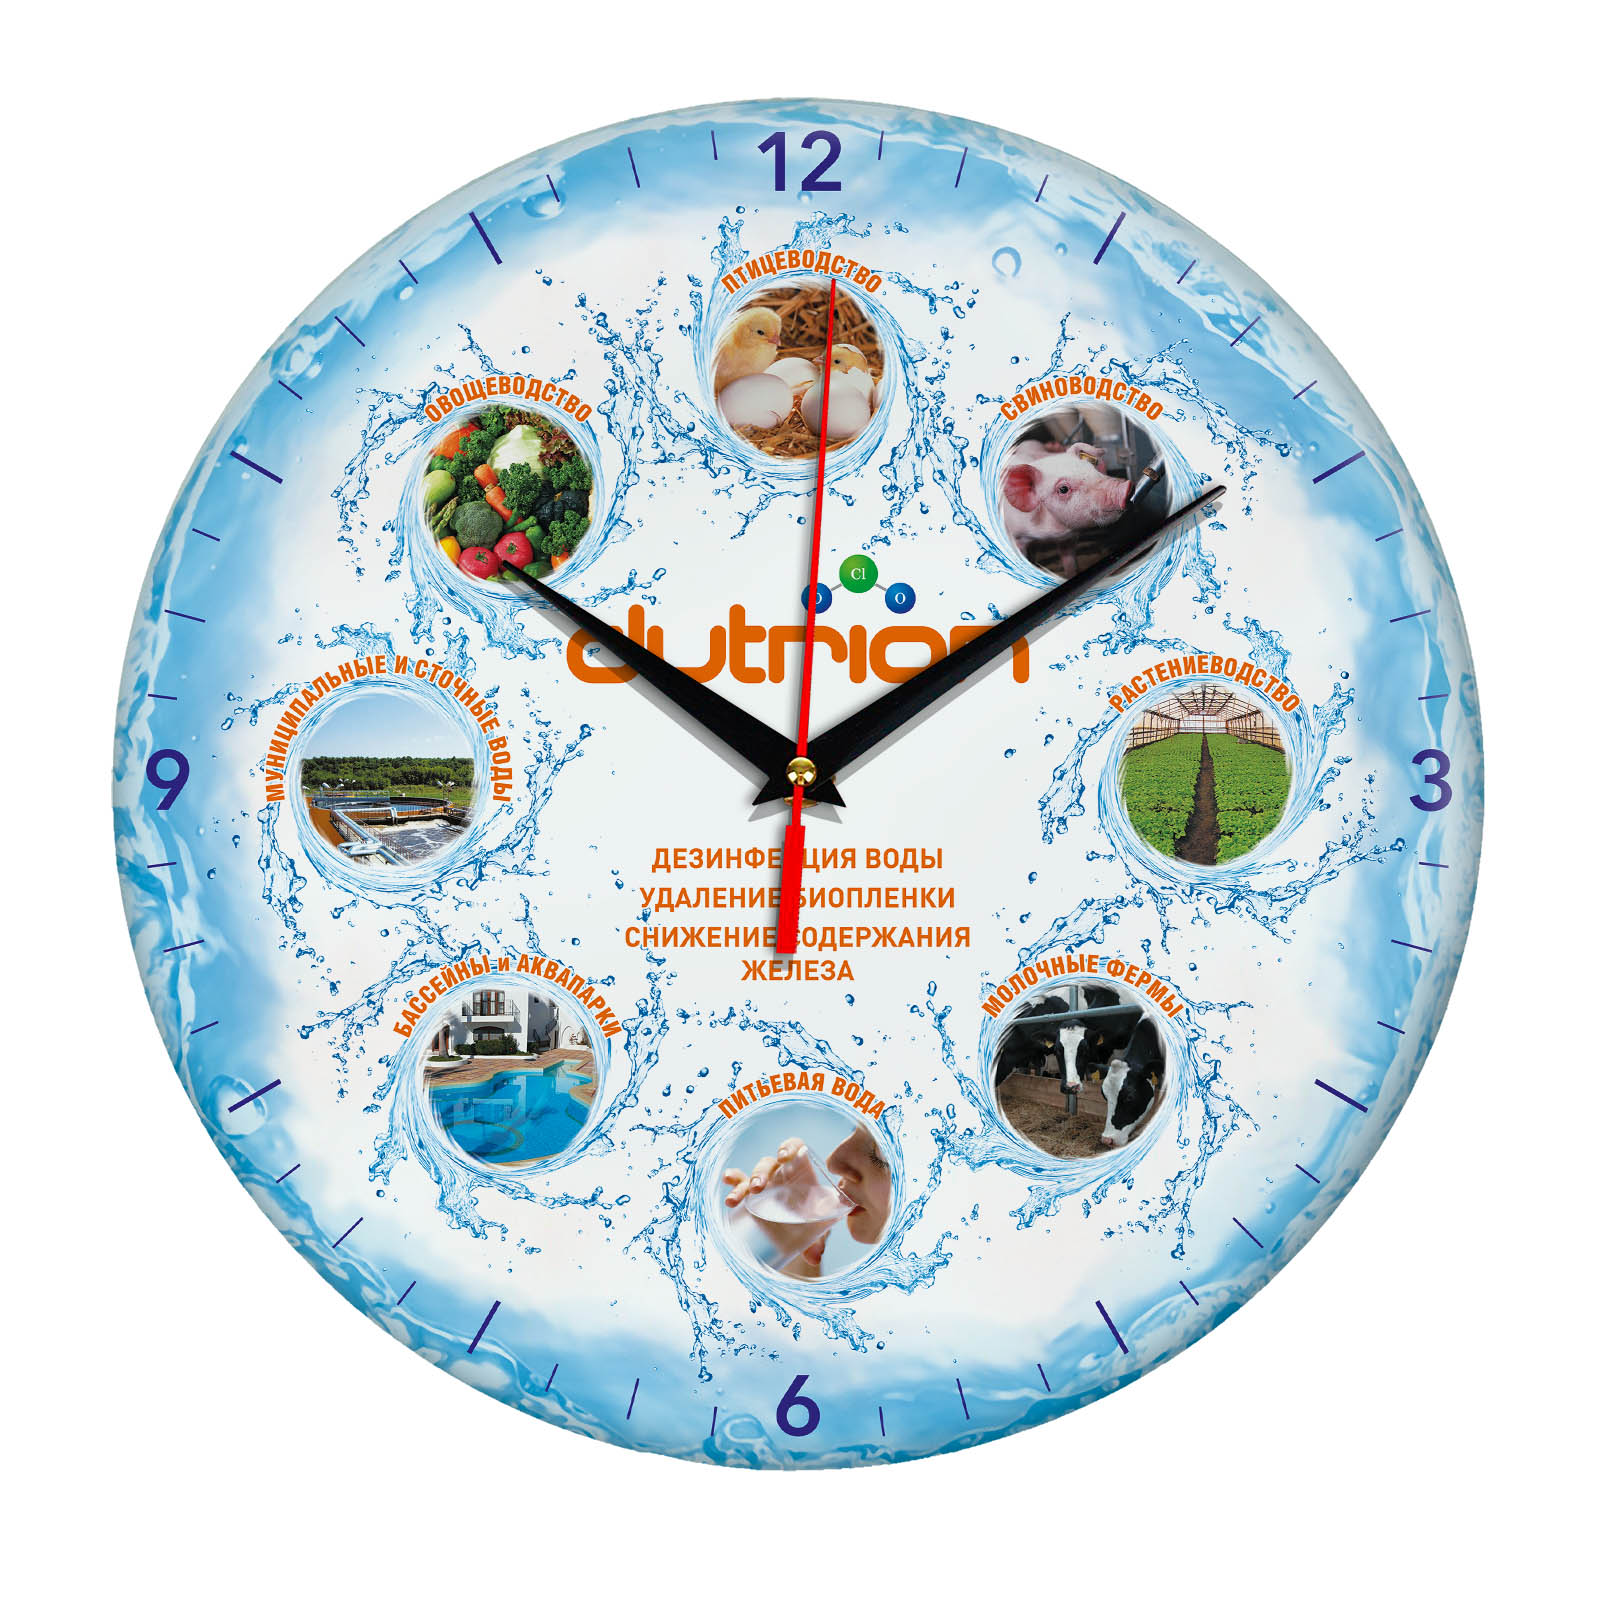 Настенные часы «clock_dutri»